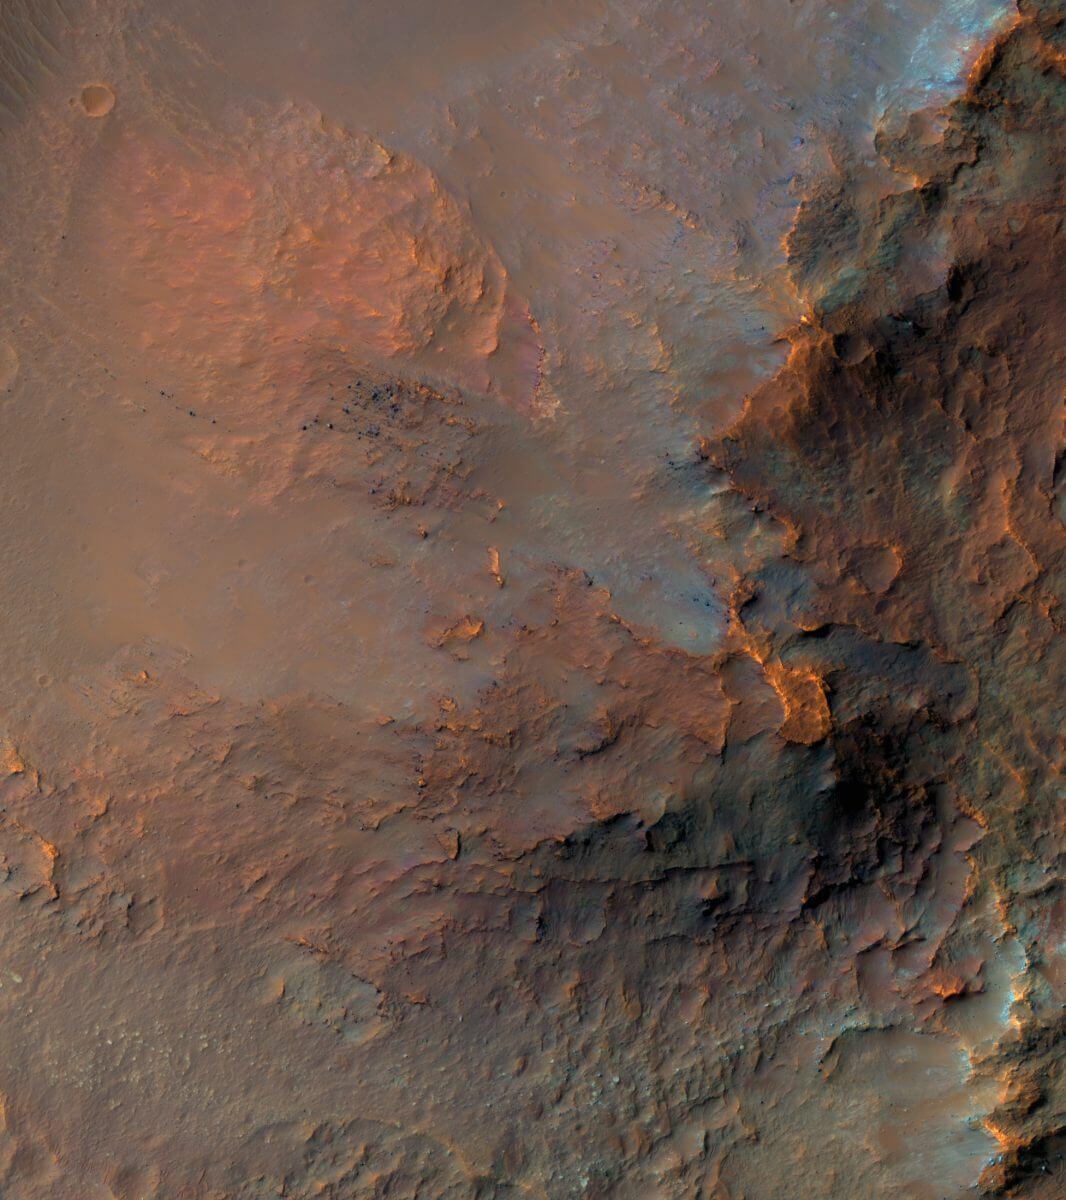 火星のエオス谷の一部(疑似カラー。Credit: NASA/JPL/UArizona)